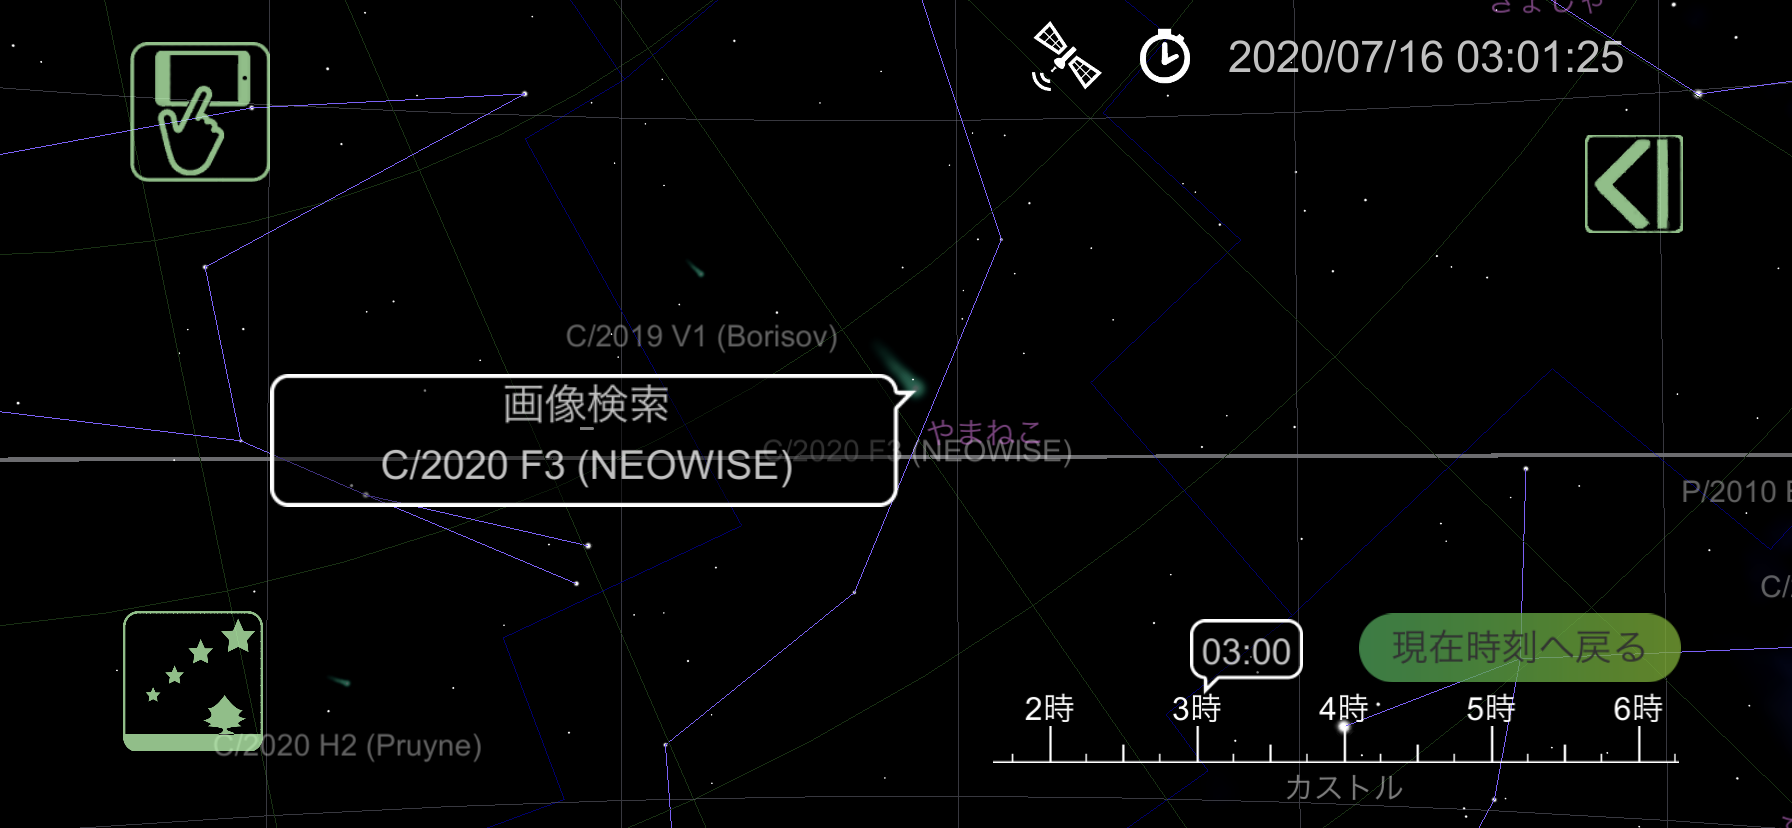 彗星を見よう_b0400557_18514974.png